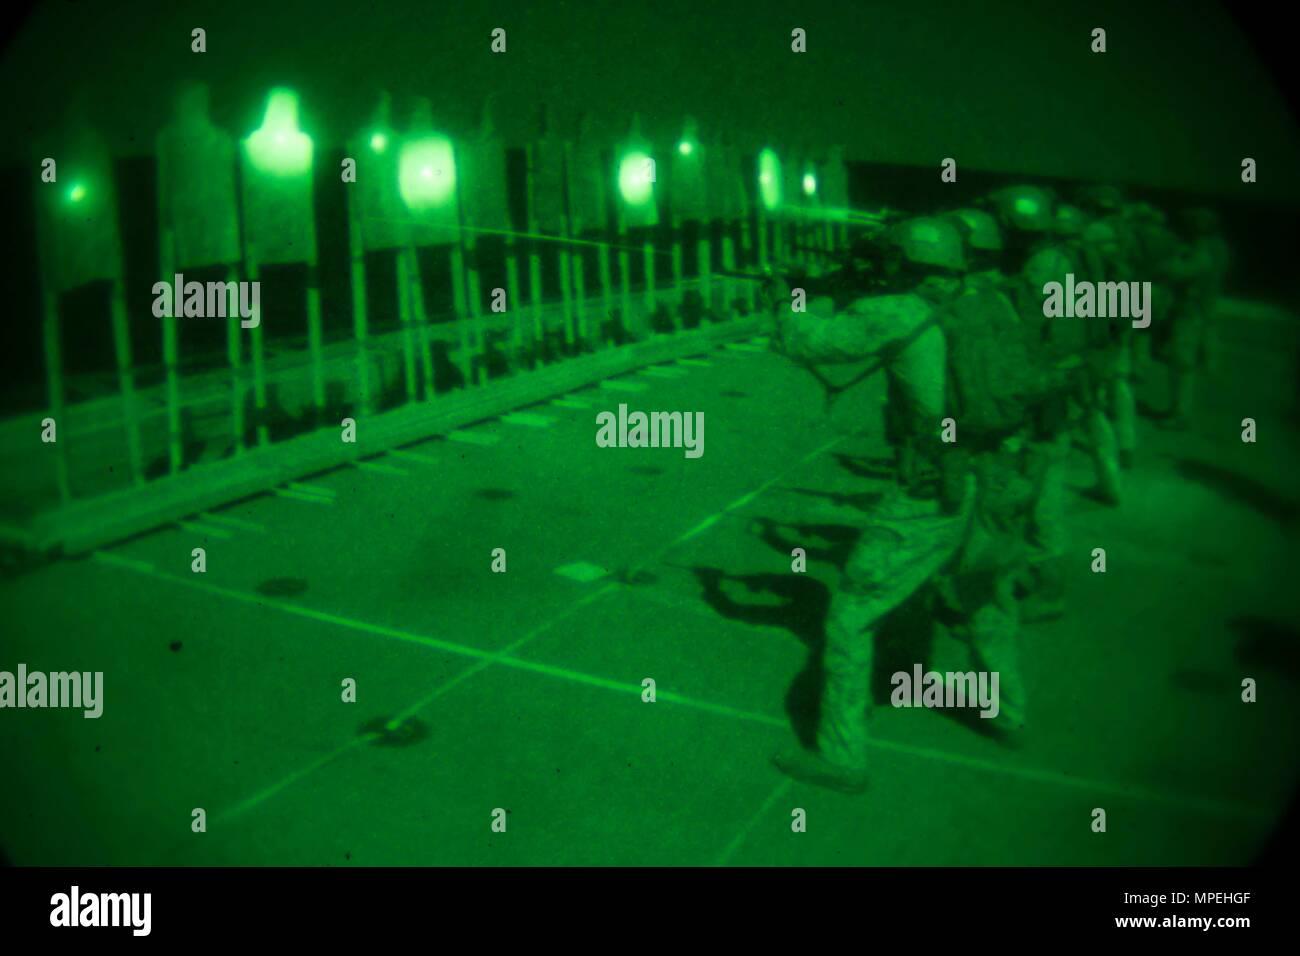 Laser Entfernungsmesser Nahbereich : Laser entfernungsmesser nahbereich: ultraschall